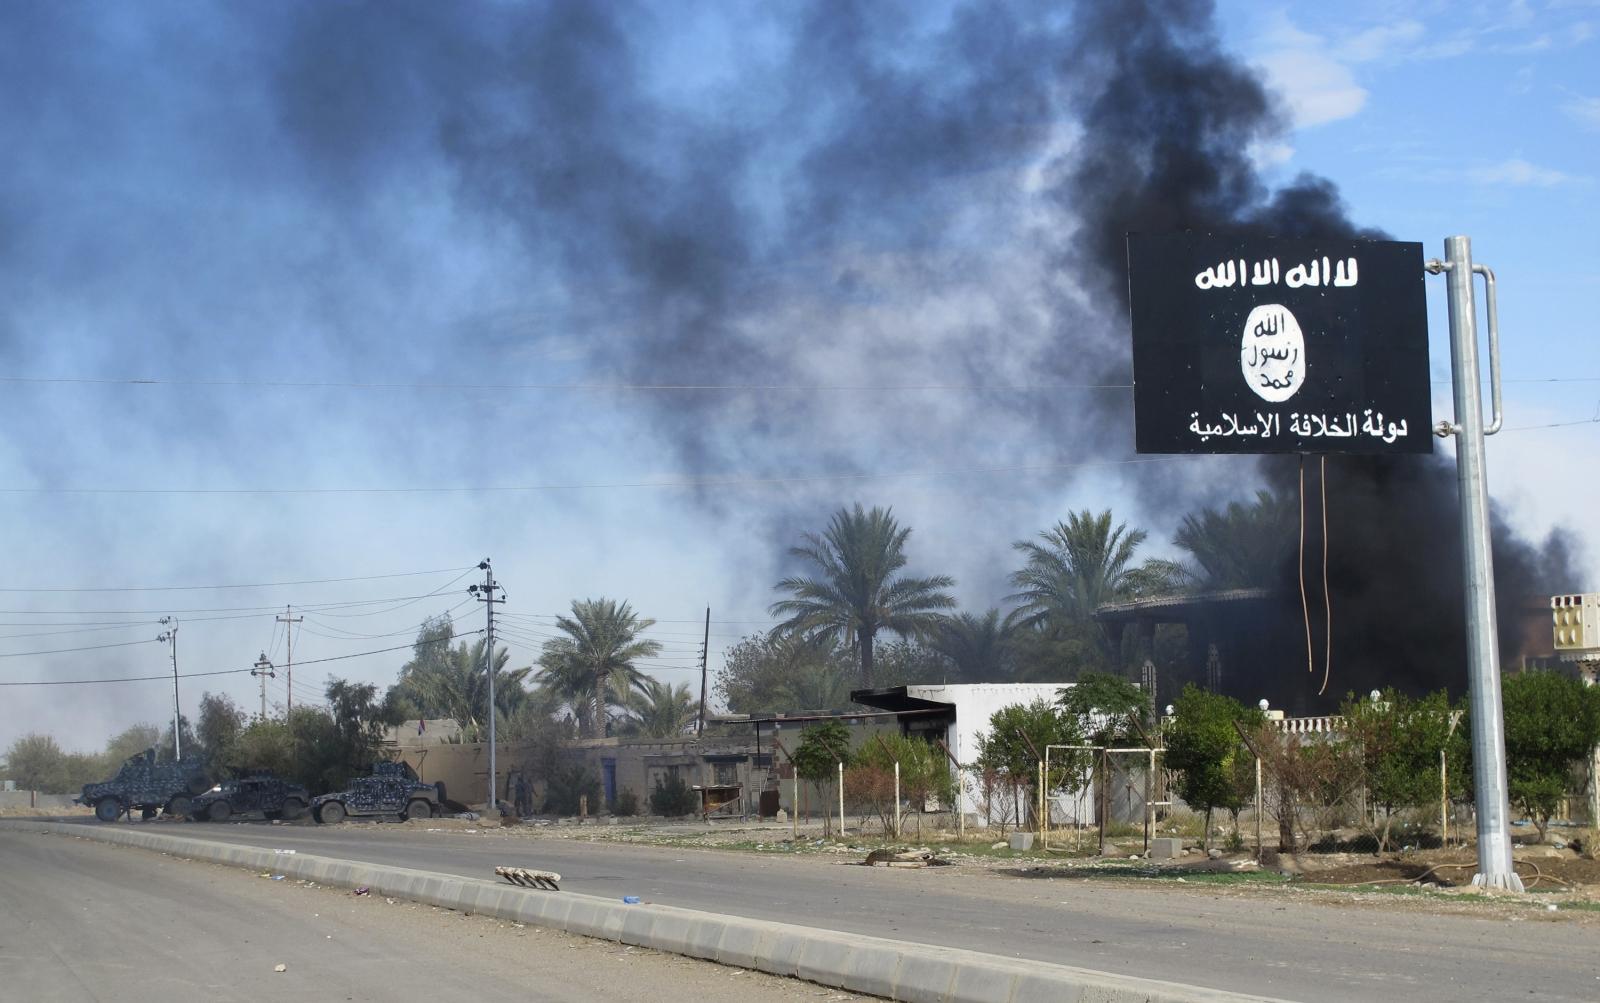 Isis flag flies over Saadiya, Iraq